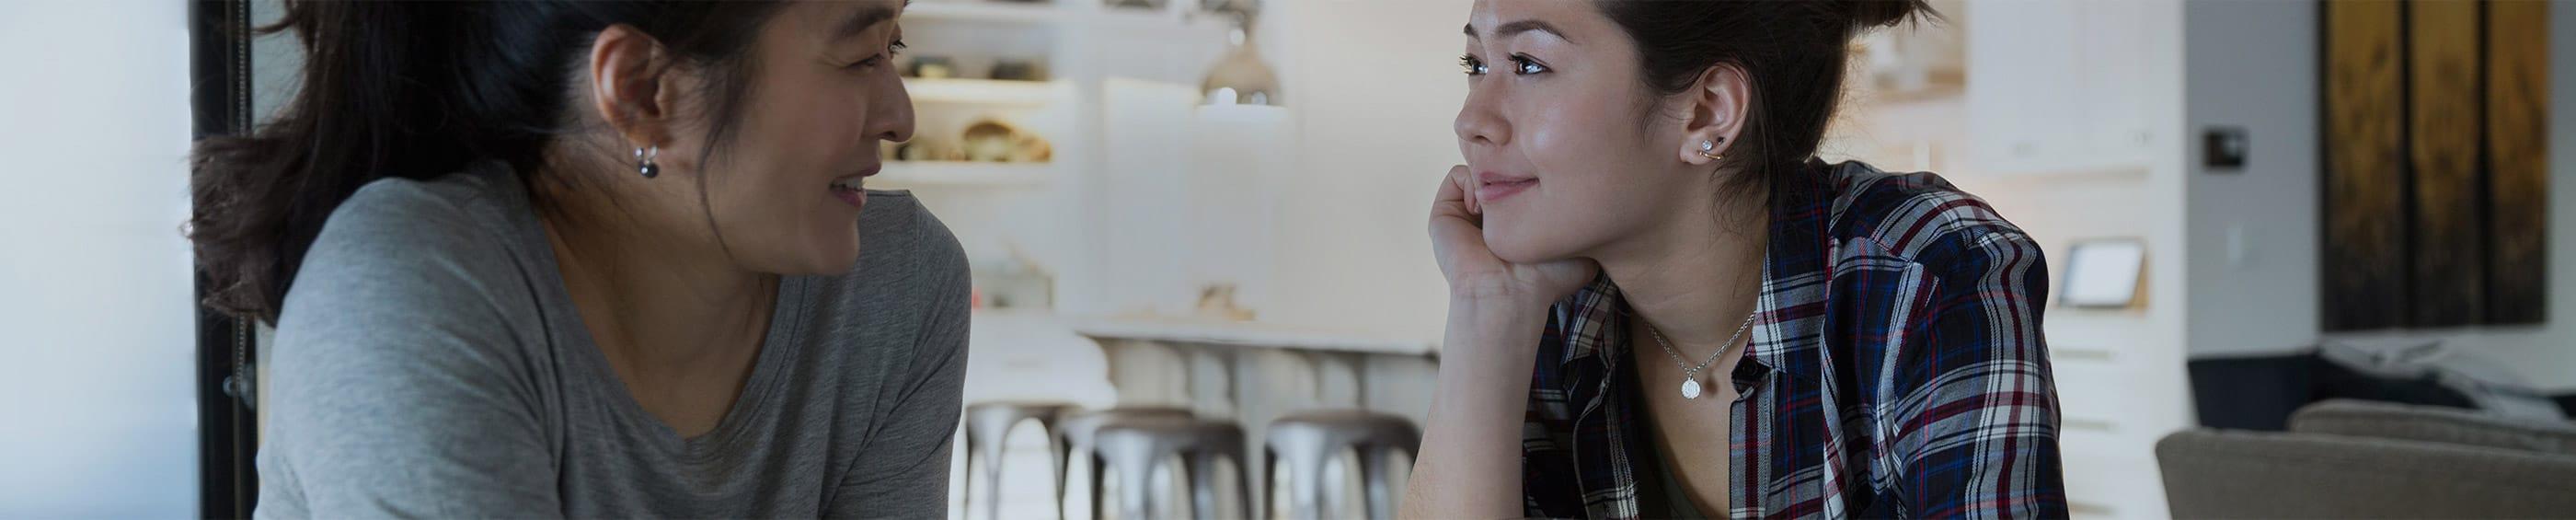 Una joven mujer hablando con su madre en la cocina